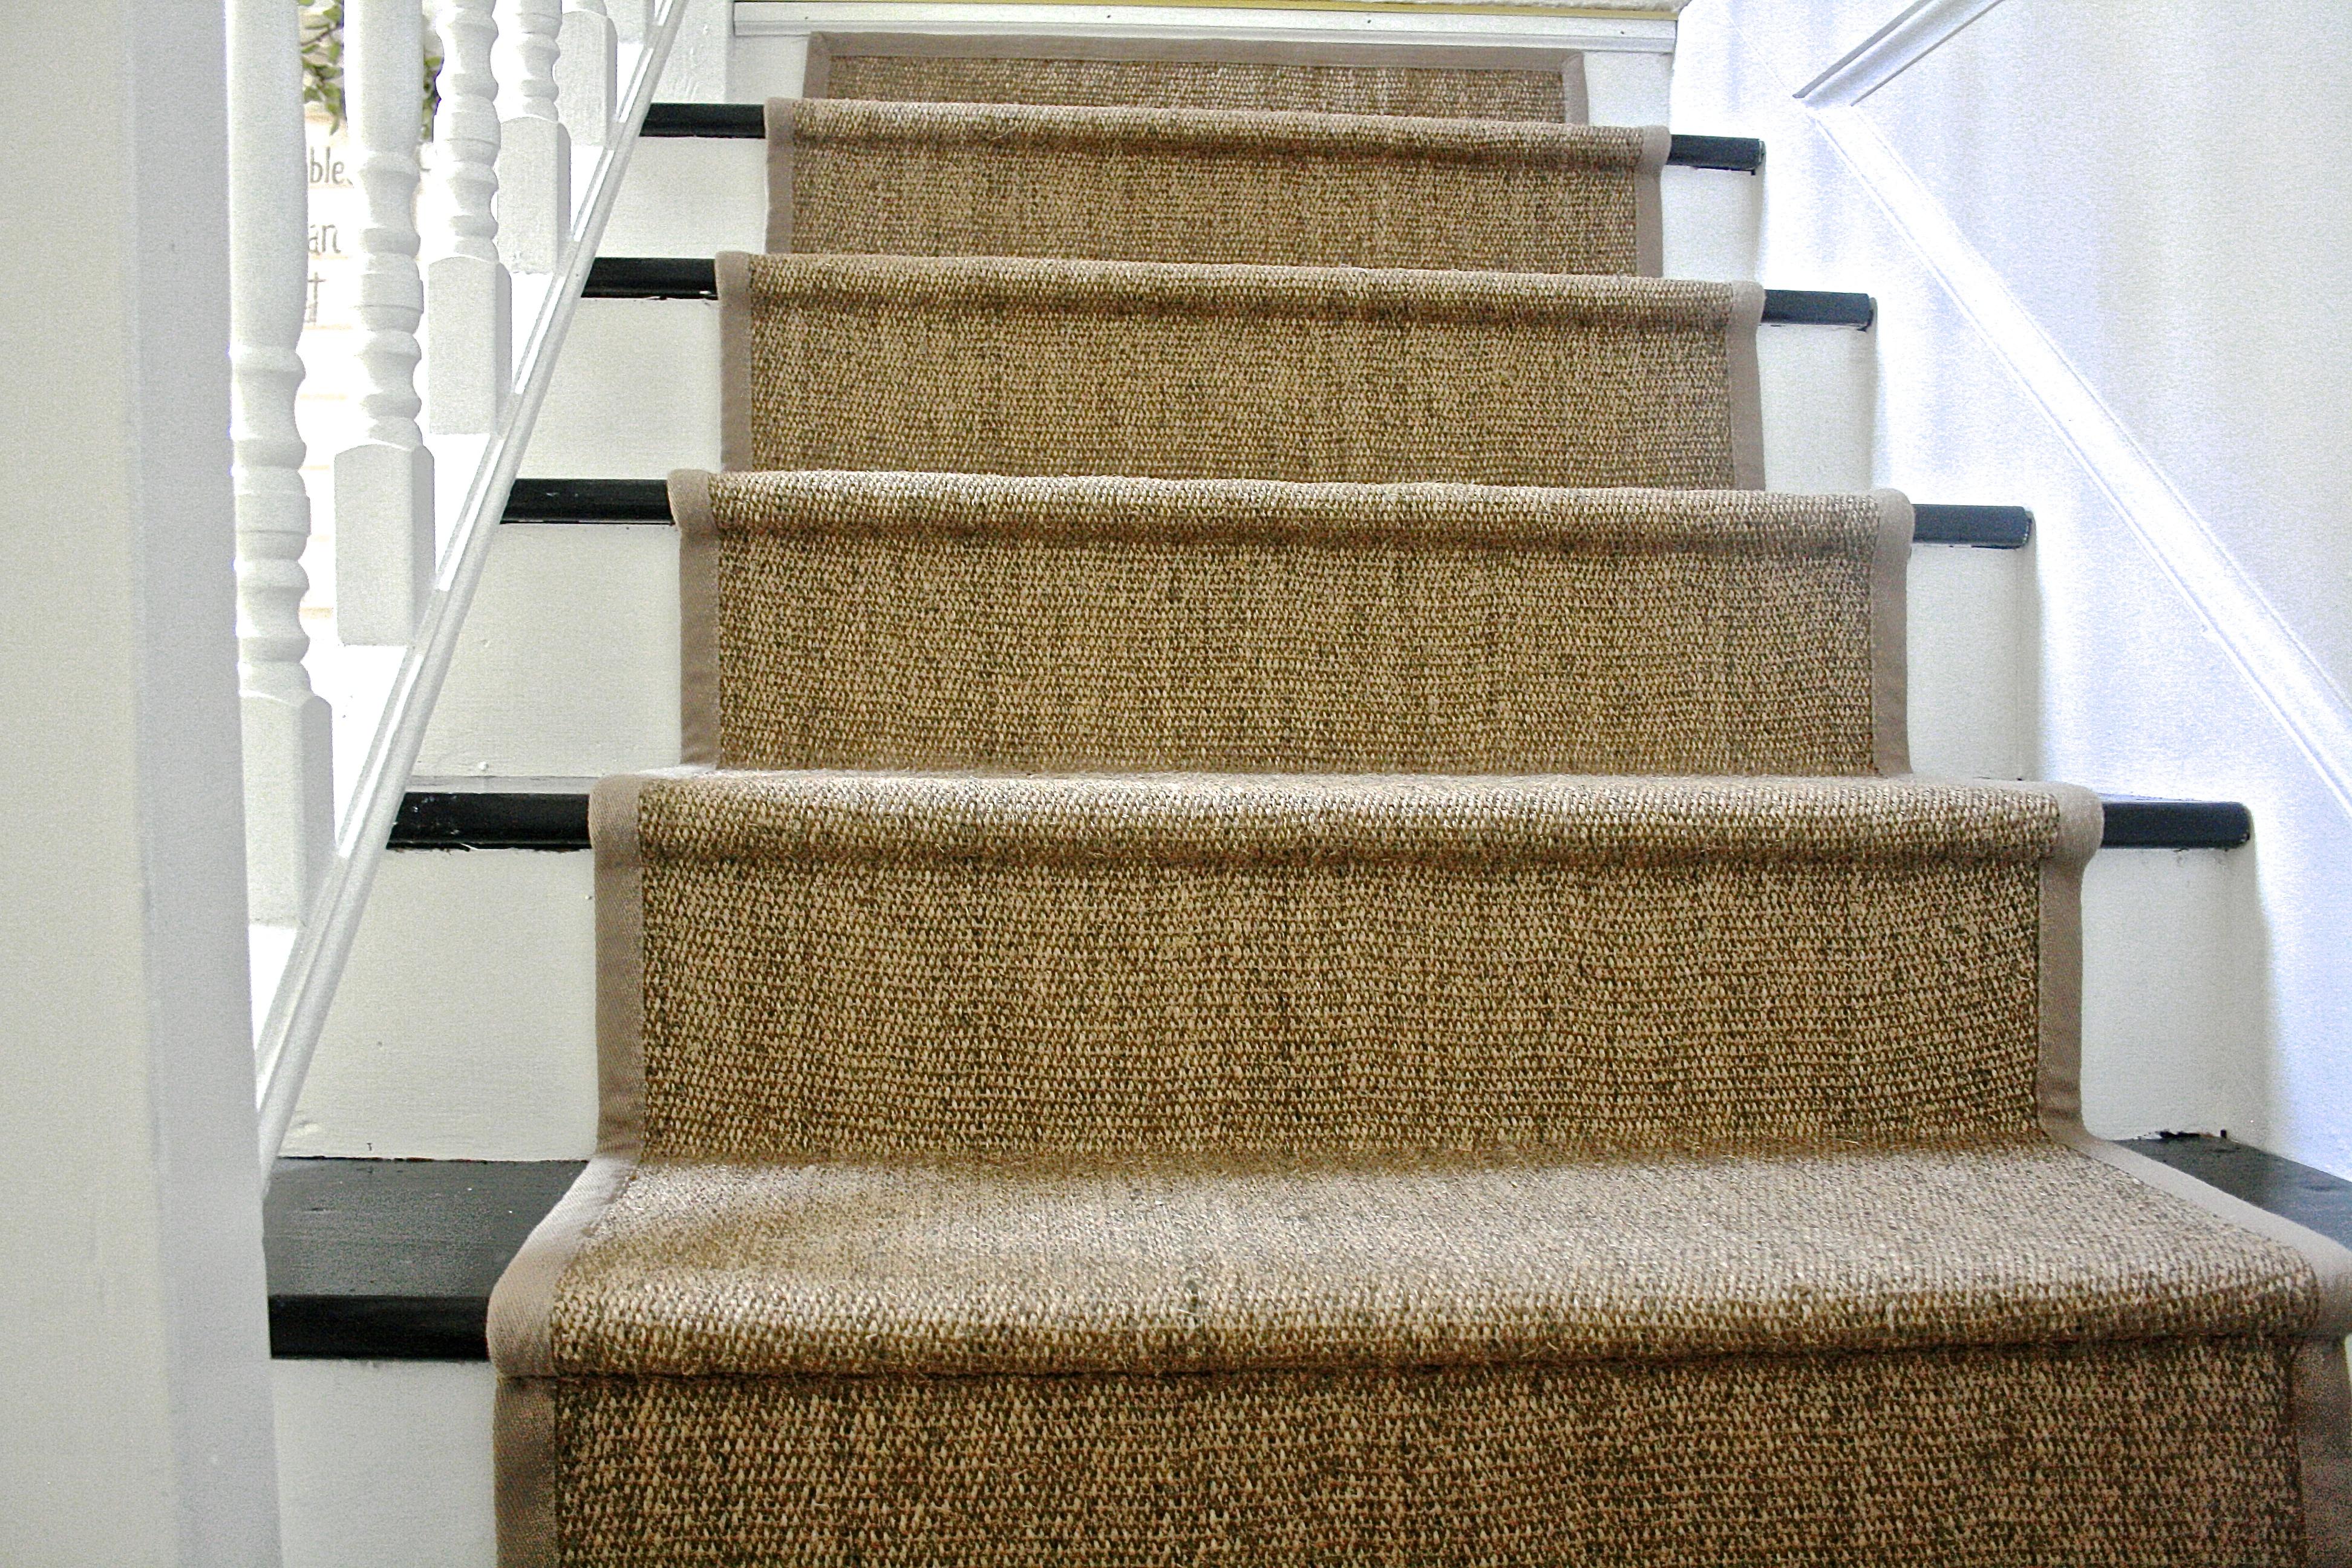 stair runners diy ikea jute rug stair runner TLIRFAS